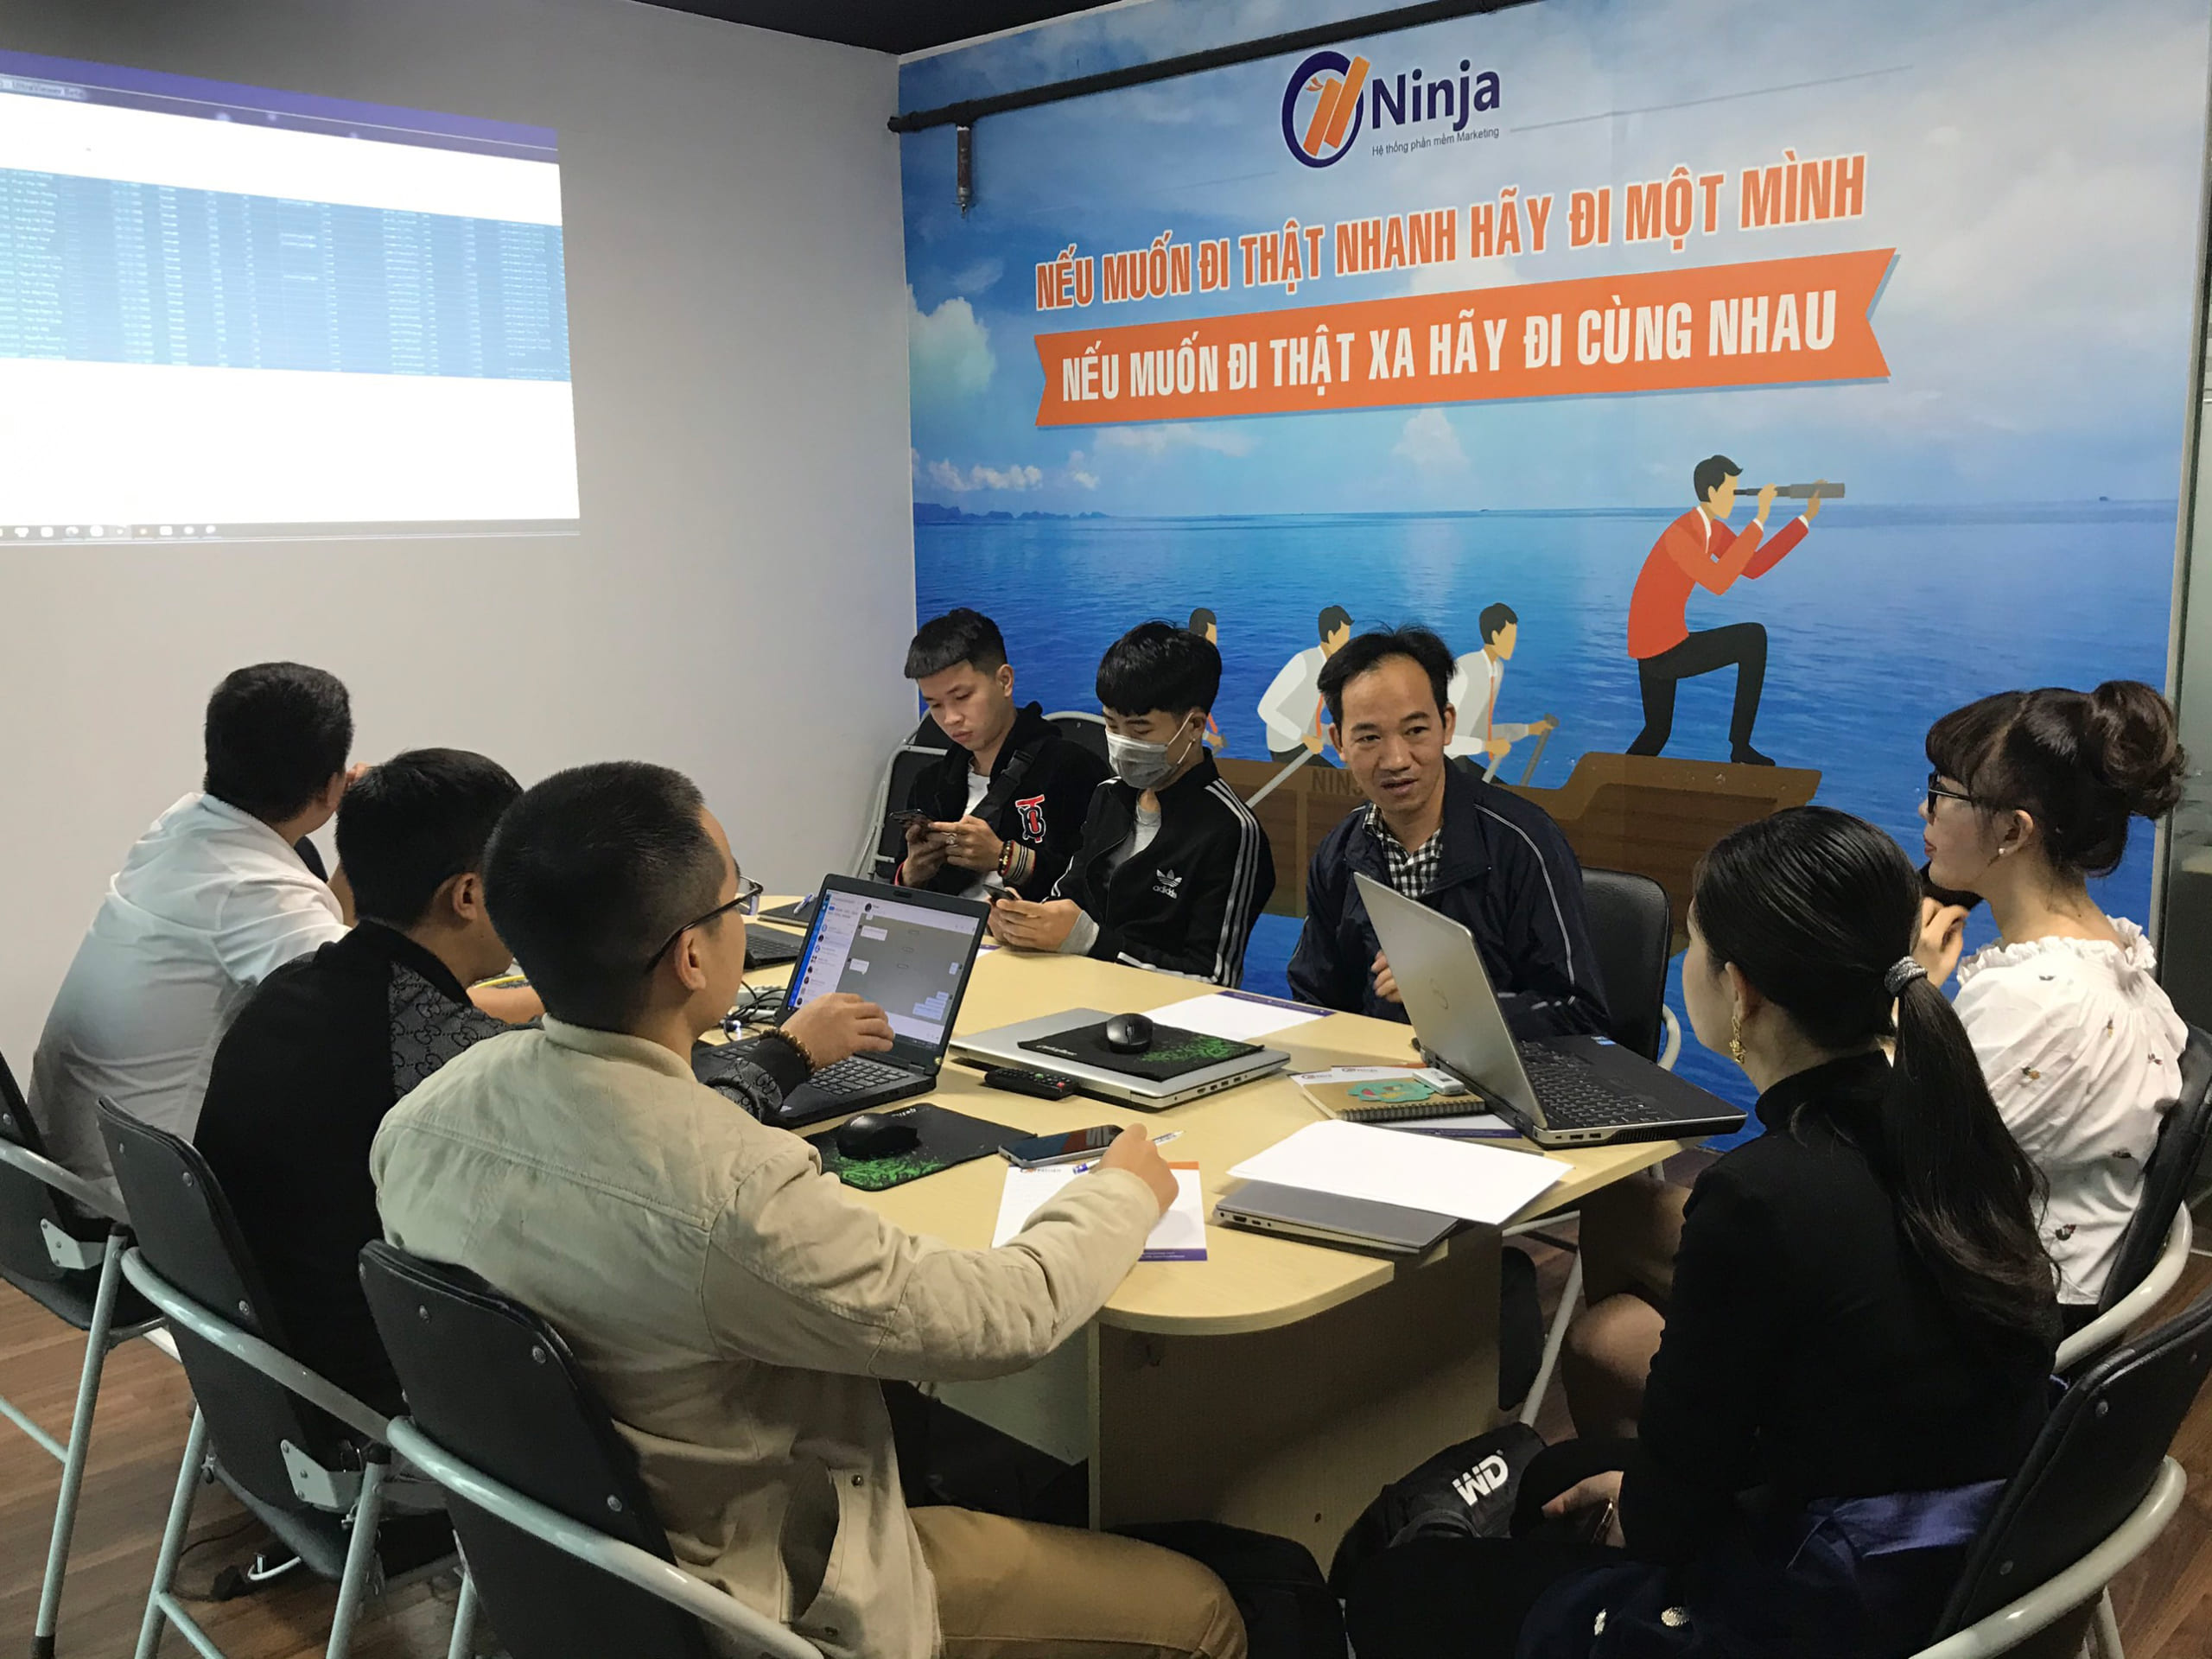 dao tao ban hang tet ninja3 scaled Đào tạo Ninja: Kỹ năng sử dụng phần mềm Marketing bán hàng Tết